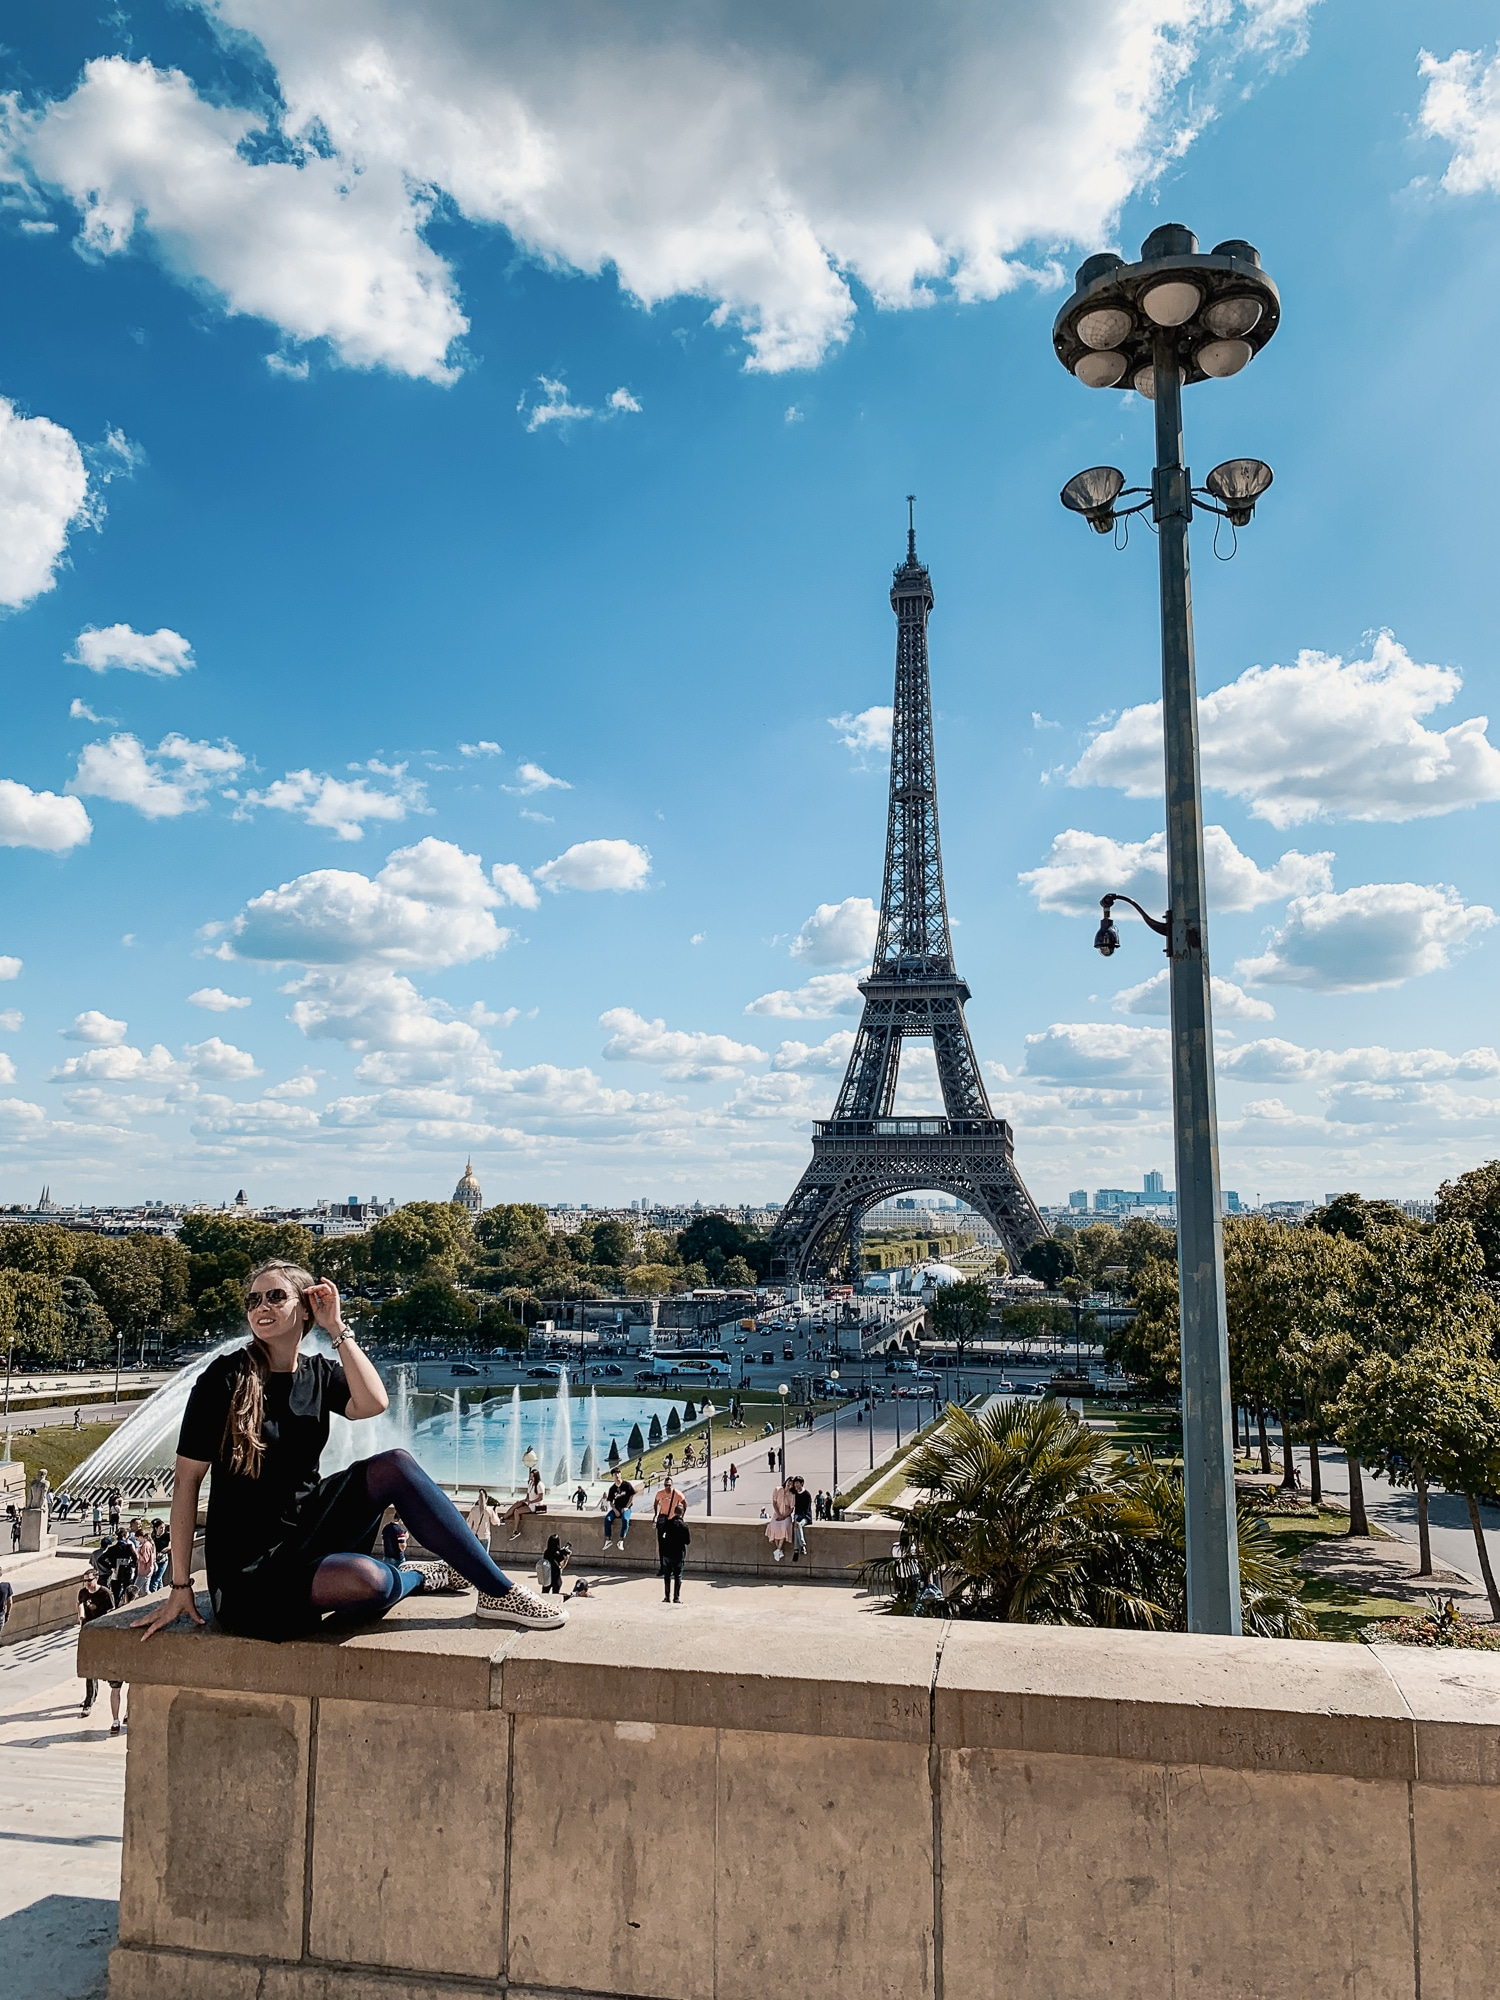 Schönste Fotospots in Paris - und meine liebsten Instagram Hotspots - Jardins du Trocadero